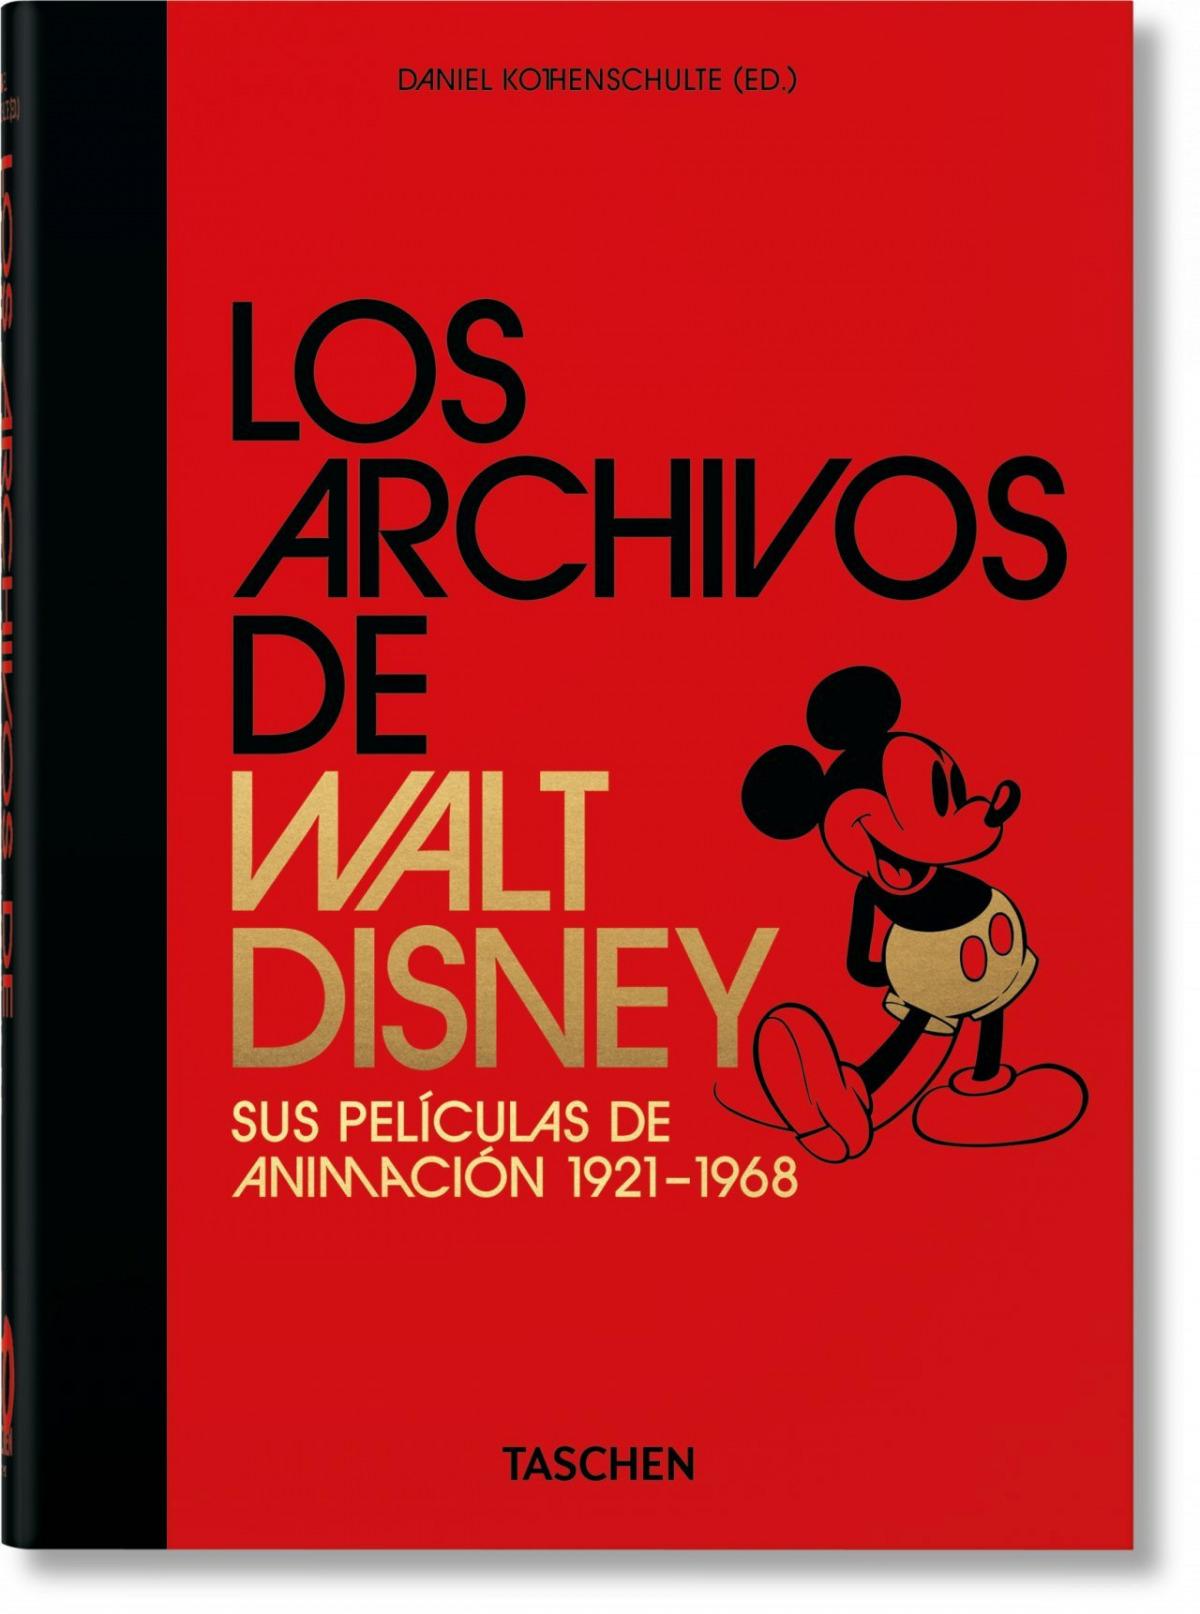 Los Archivos de Walt Disney: sus películas de animación 40th Anni